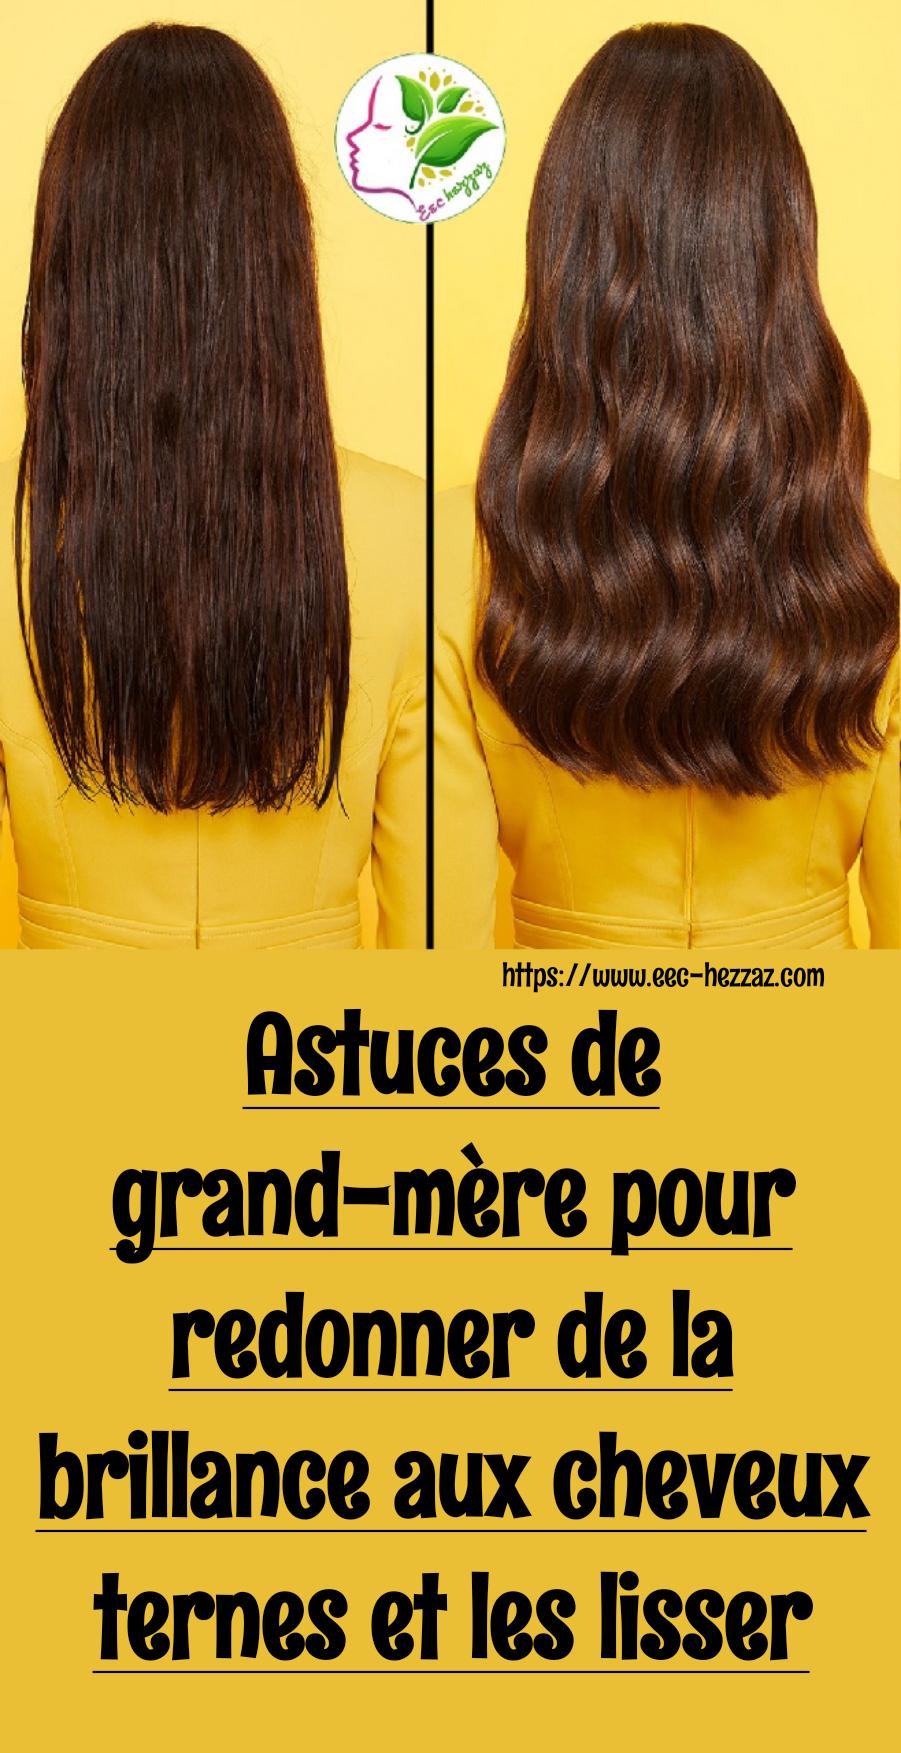 Astuces de grand-mère pour redonner de la brillance aux cheveux ternes et les lisser